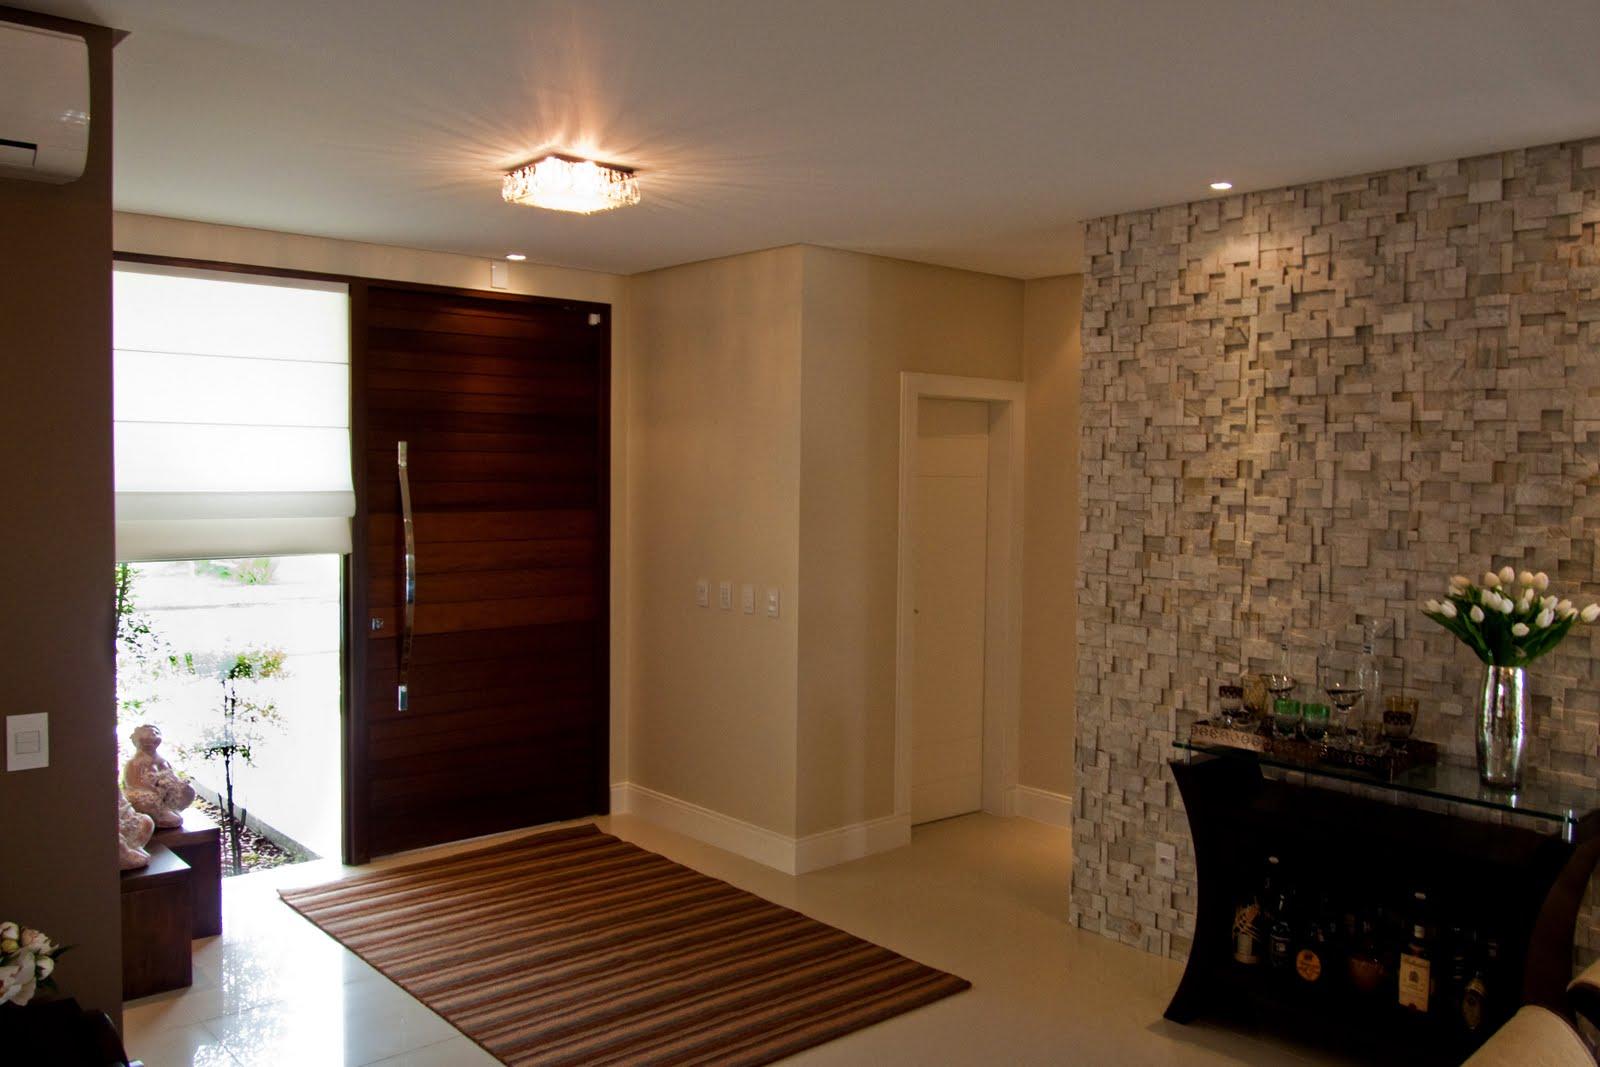 parede de mosaico em pedra é cenário para o aparador do jantar. #27150C 1600x1067